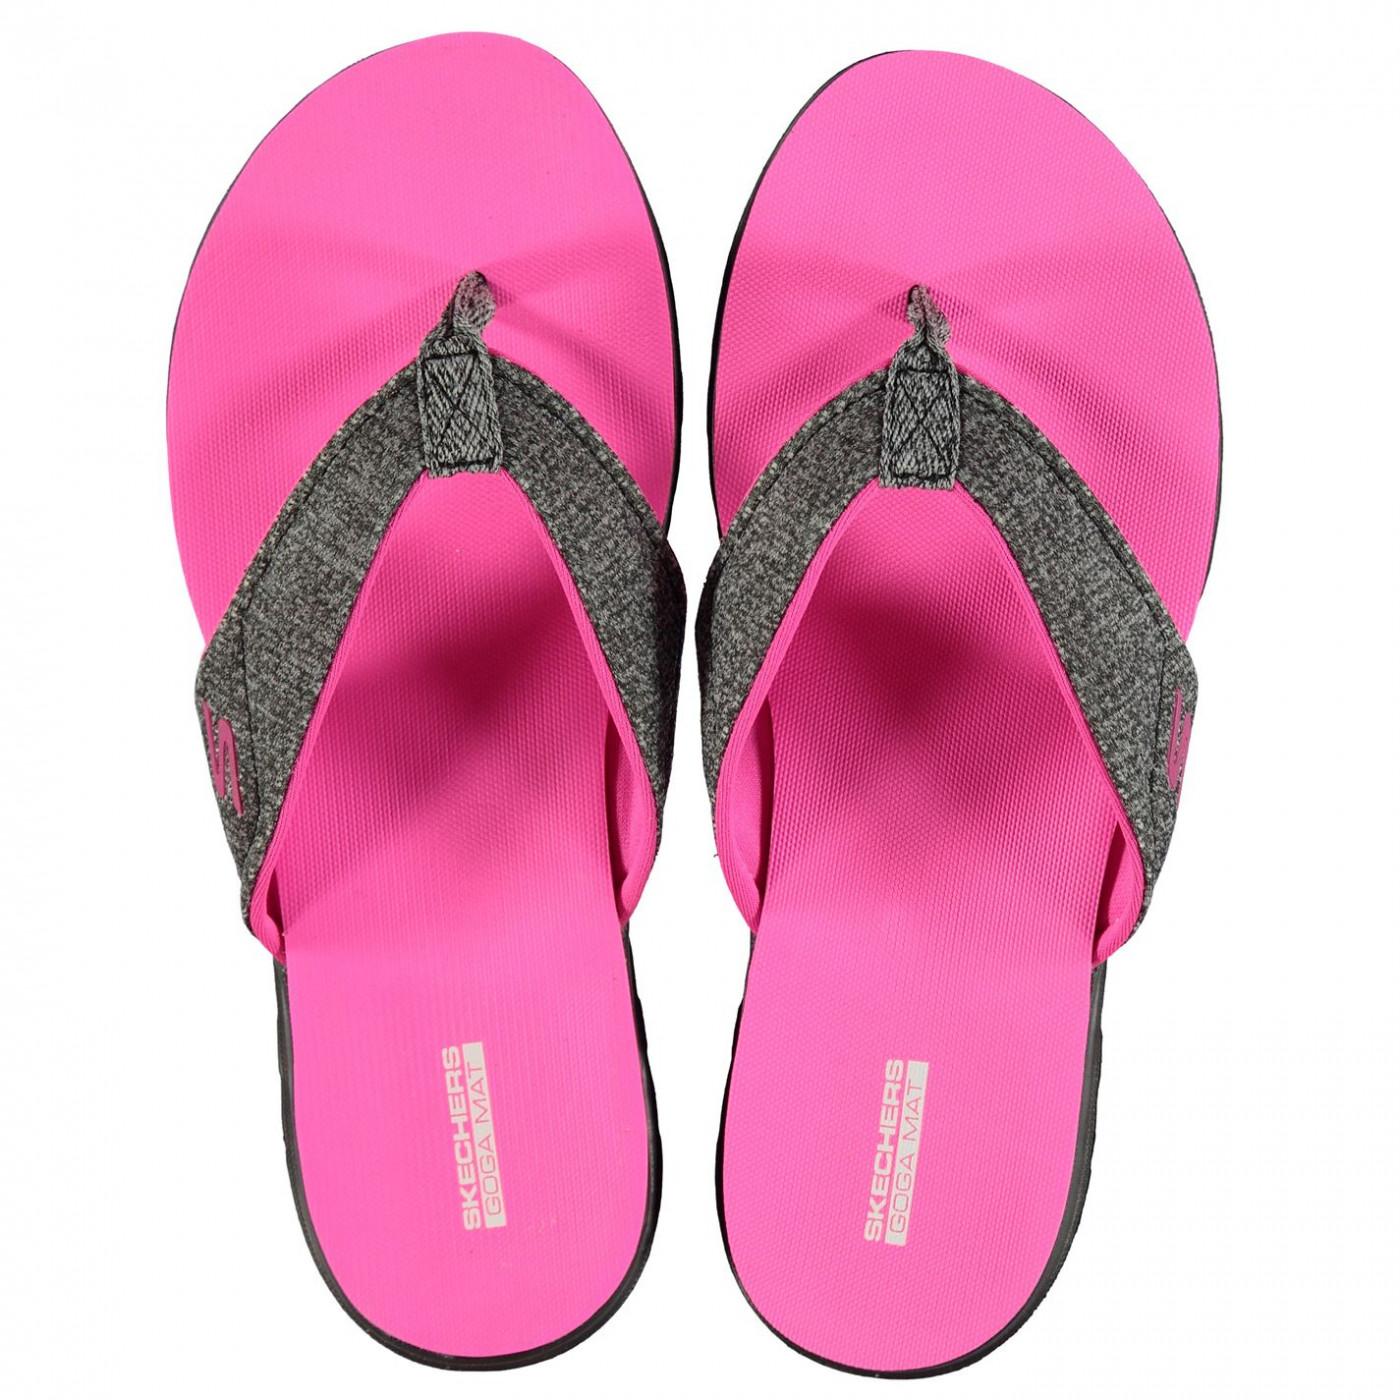 Skechers Nextwave Ladies Flip Flops